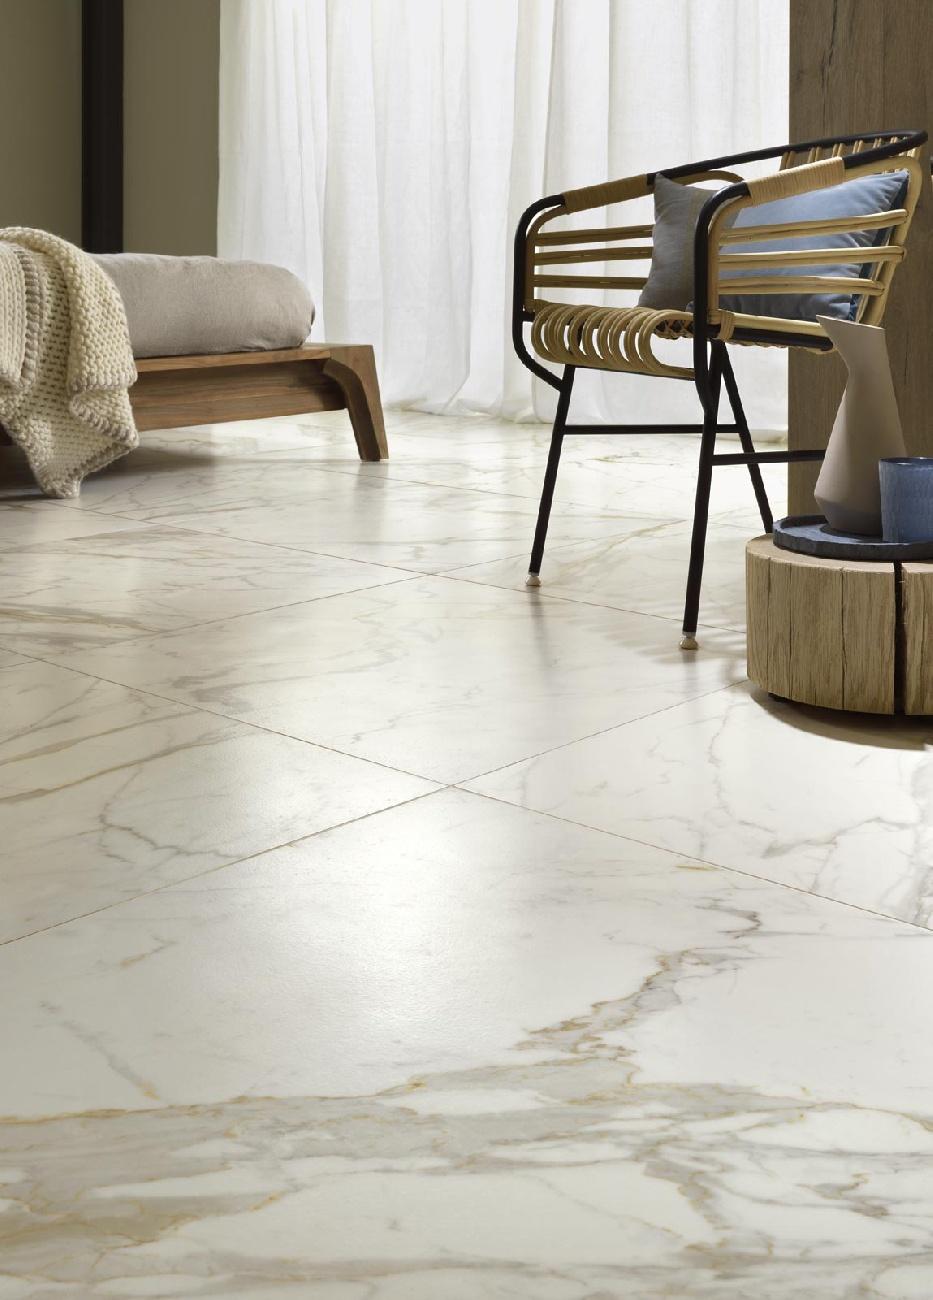 Pavimenti in gres porcellanato effetto marmo Bistrot